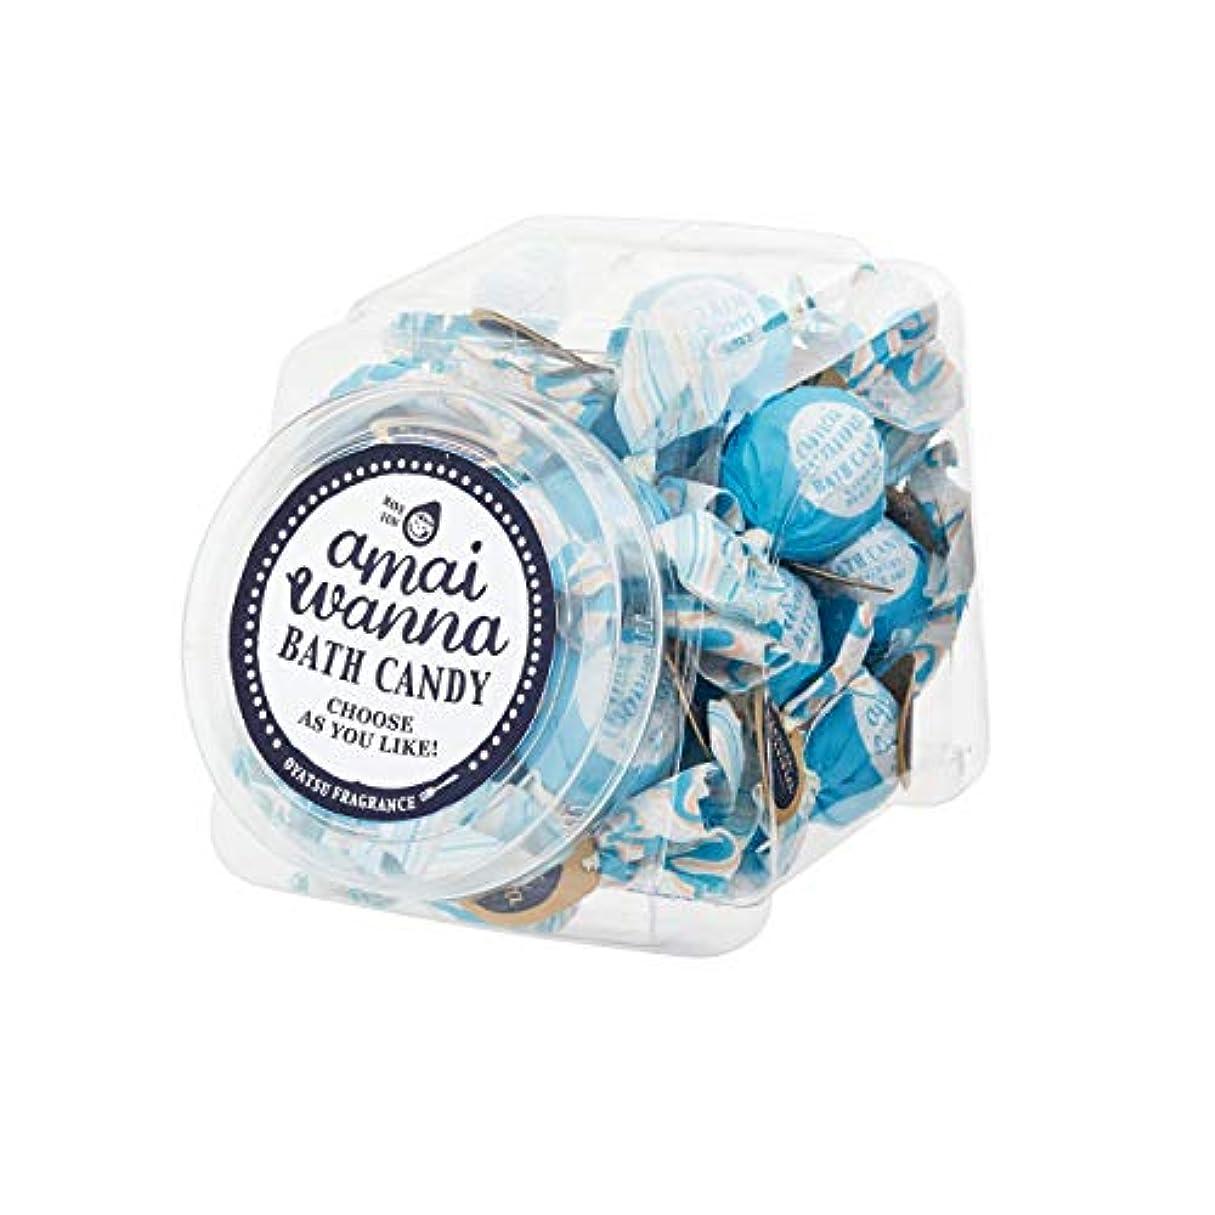 鹿劇的じゃないアマイワナSP バスキャンディーポットセット24粒入り(青空シトラス バスギフト キャンディーの形の入浴料 大人可愛い)